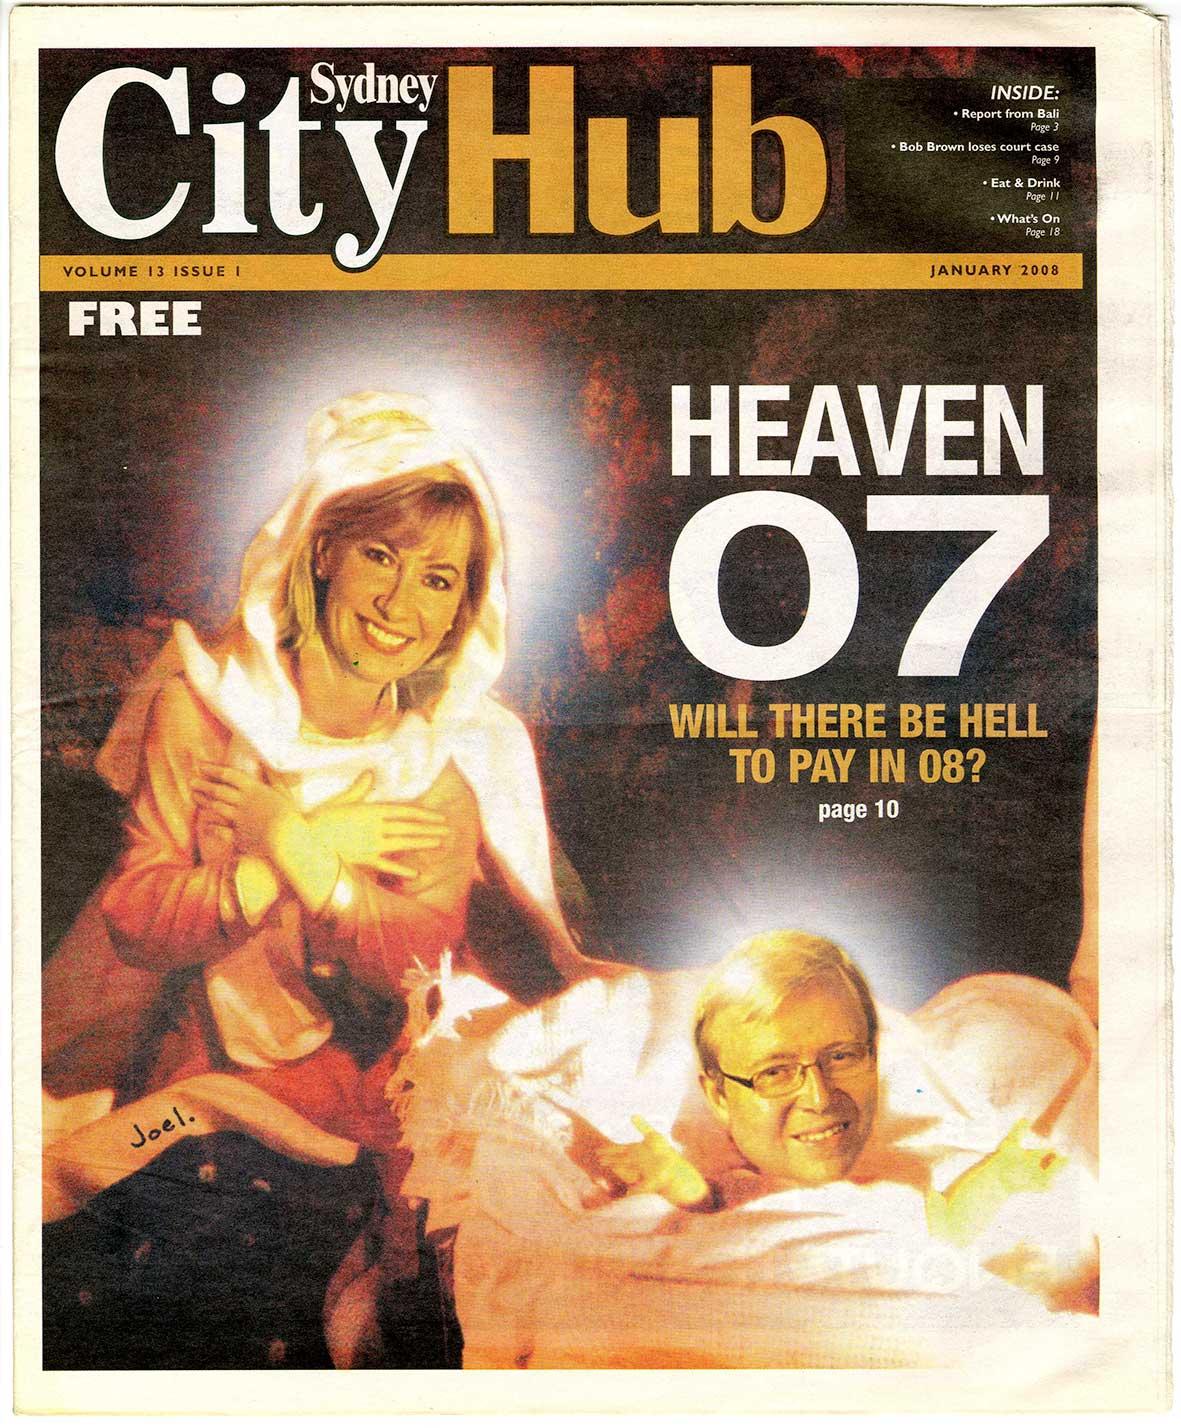 CityHubcoverKevin07JoelTarling